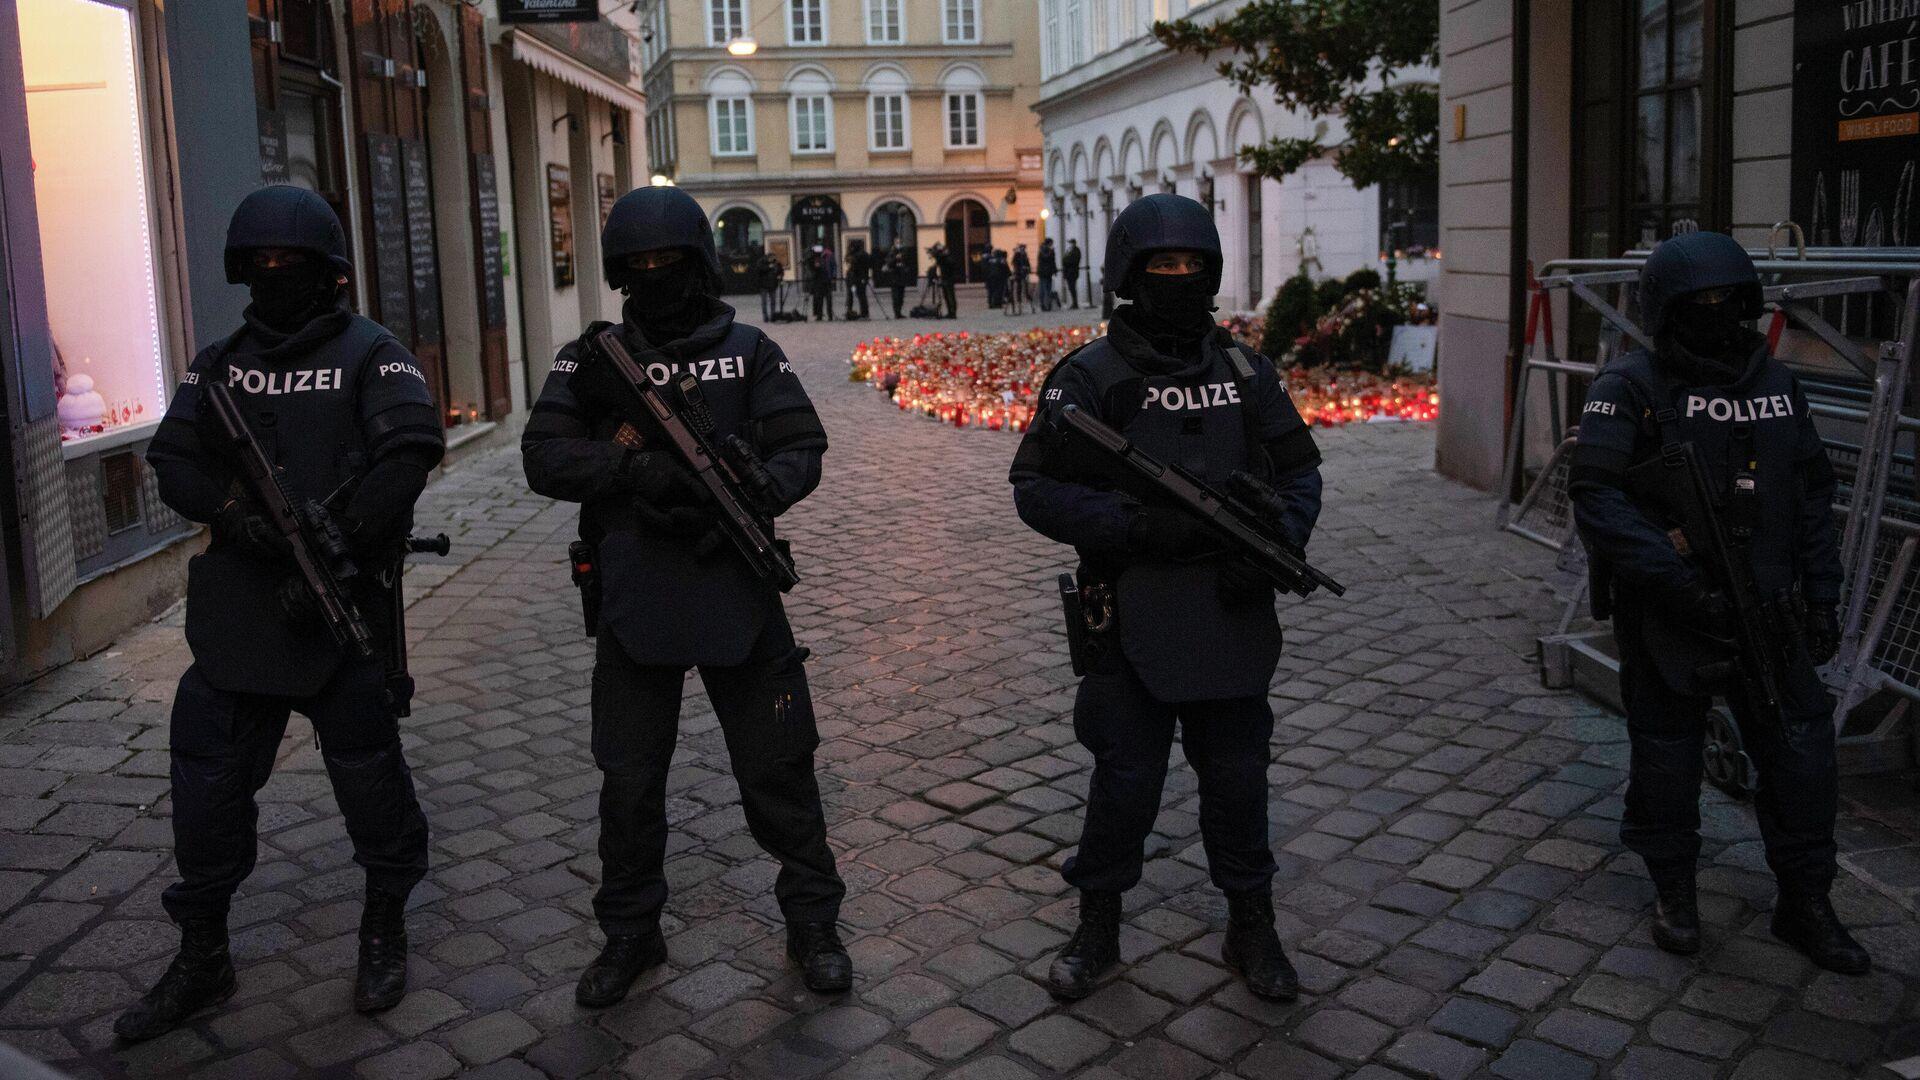 Полицейские стоят на страже перед прибытием Себастьяна Курца и Шарля Мишеля для зажжения свечей в память о жертвах теракта в Вене - РИА Новости, 1920, 13.11.2020